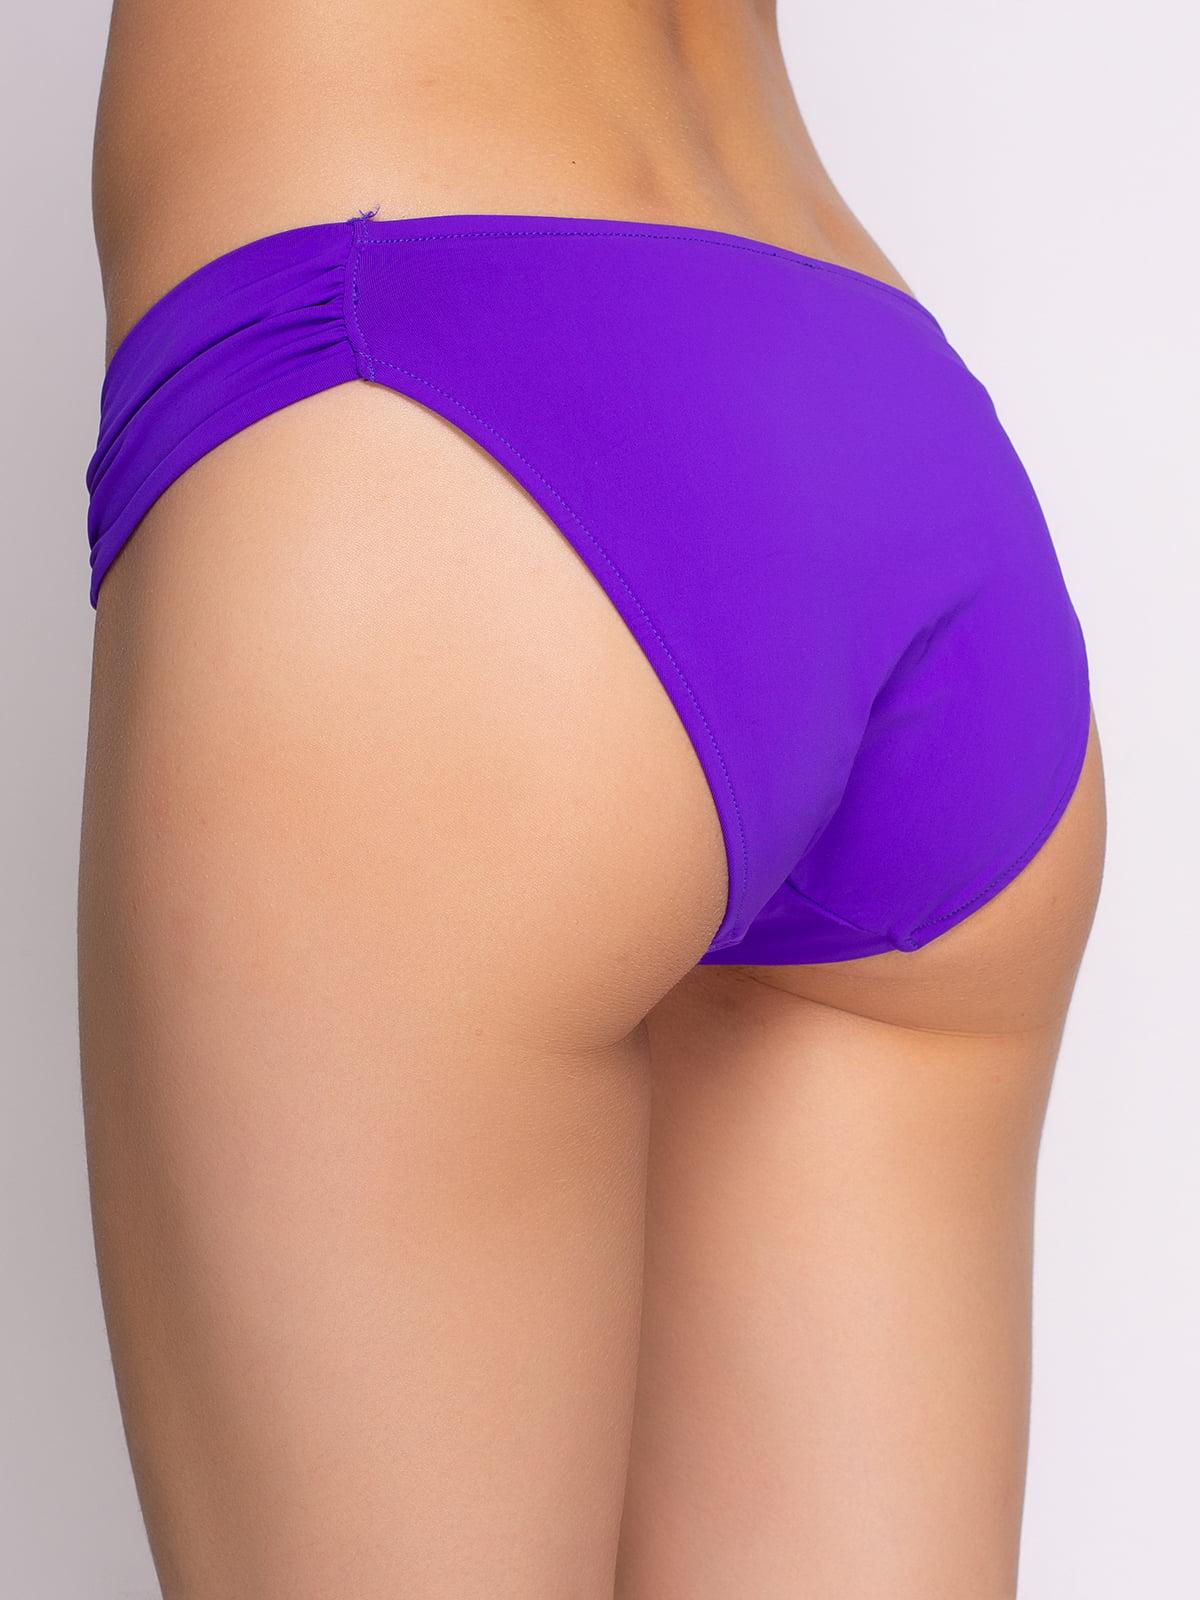 Трусы фиолетовые купальные | 3011534 | фото 2